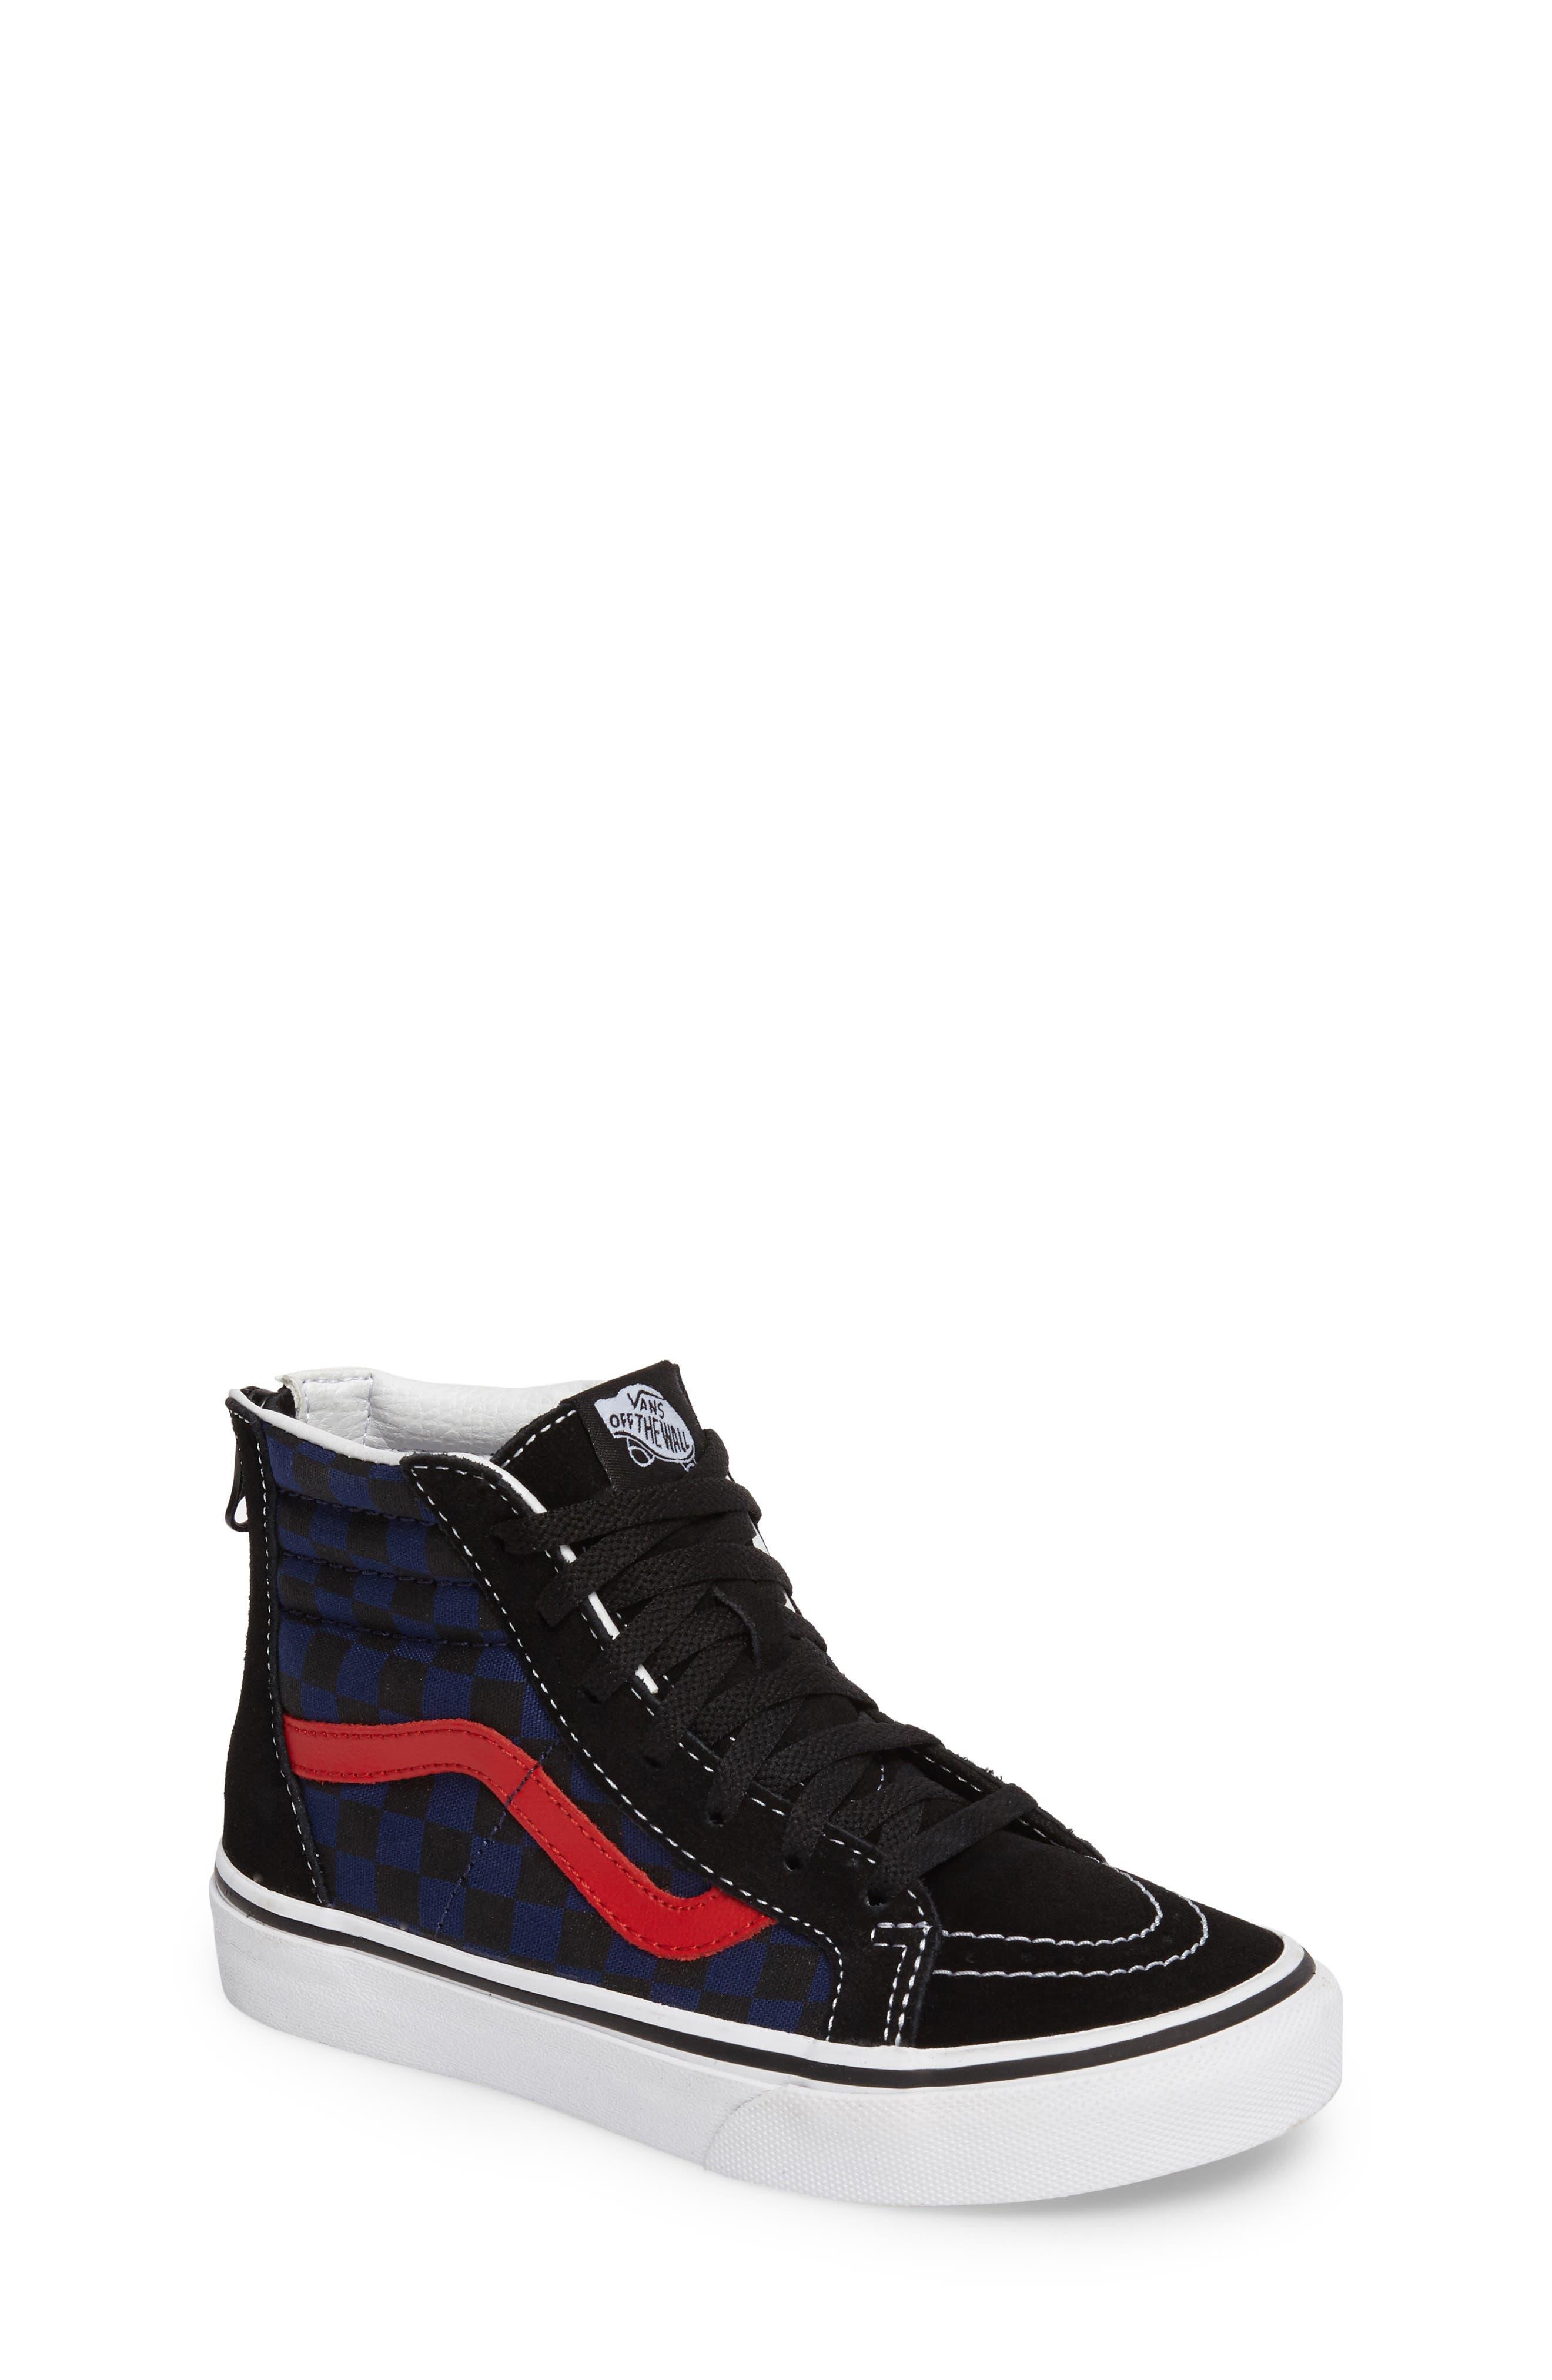 SK8-Hi Zip Sneaker,                         Main,                         color, 001